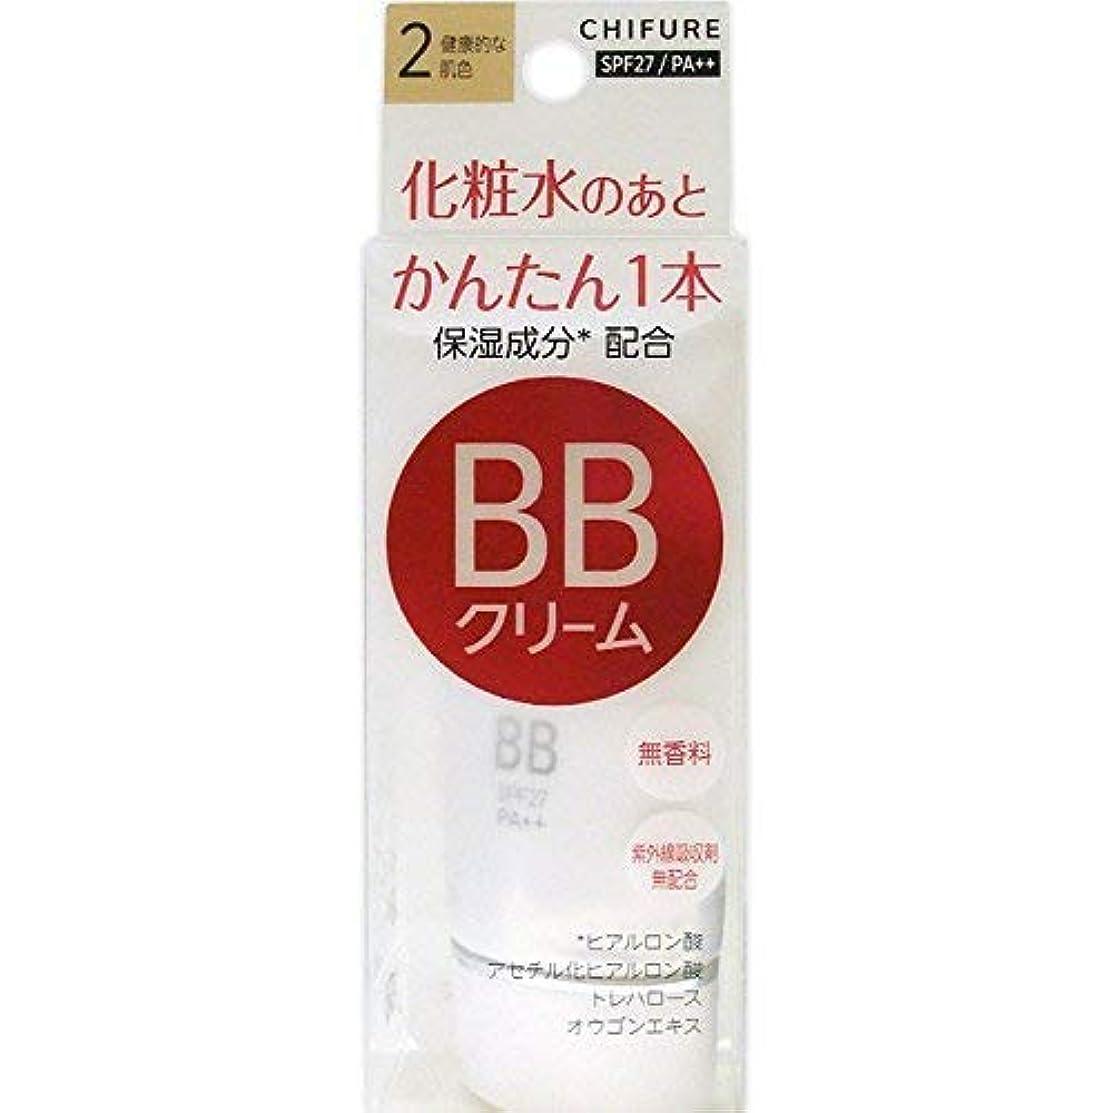 牛肉タップ貸すちふれ化粧品 BB クリーム 2 健康的な肌色 BBクリーム 2